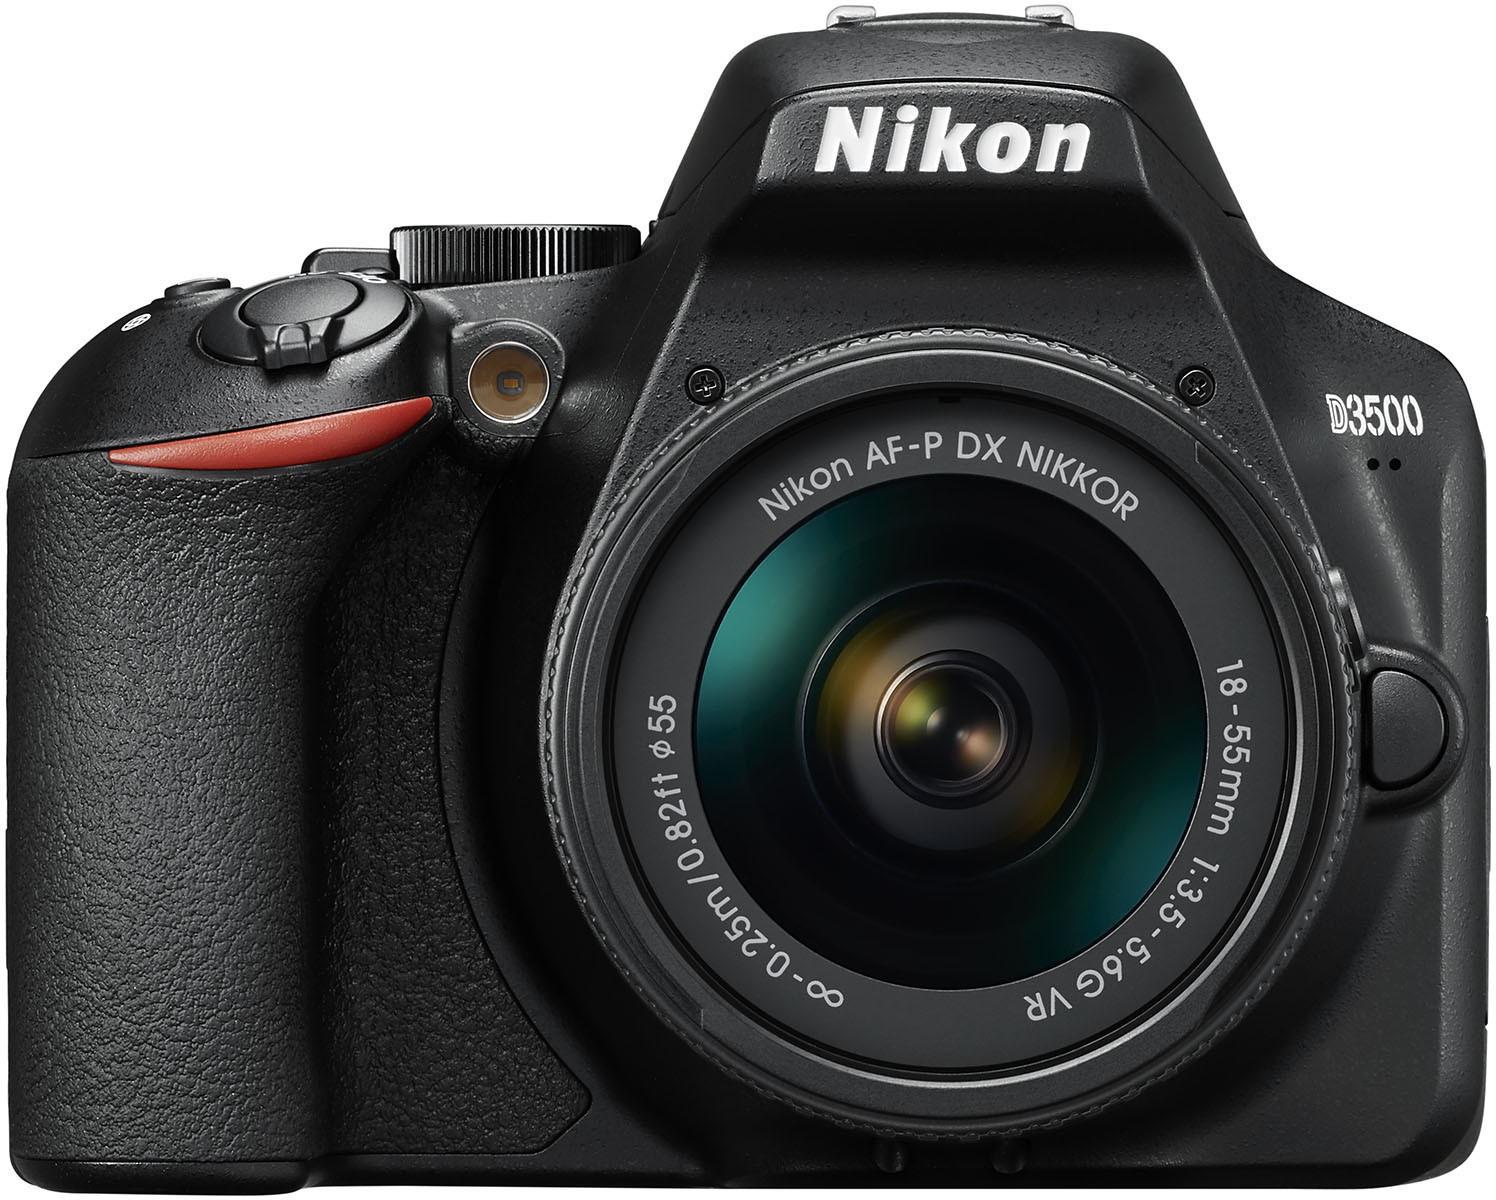 Kit appareil photo numérique Reflex Nikon D3500 (24.2 Mpix, CMOS) + objectif 18-55mm VR (vendeur tiers)